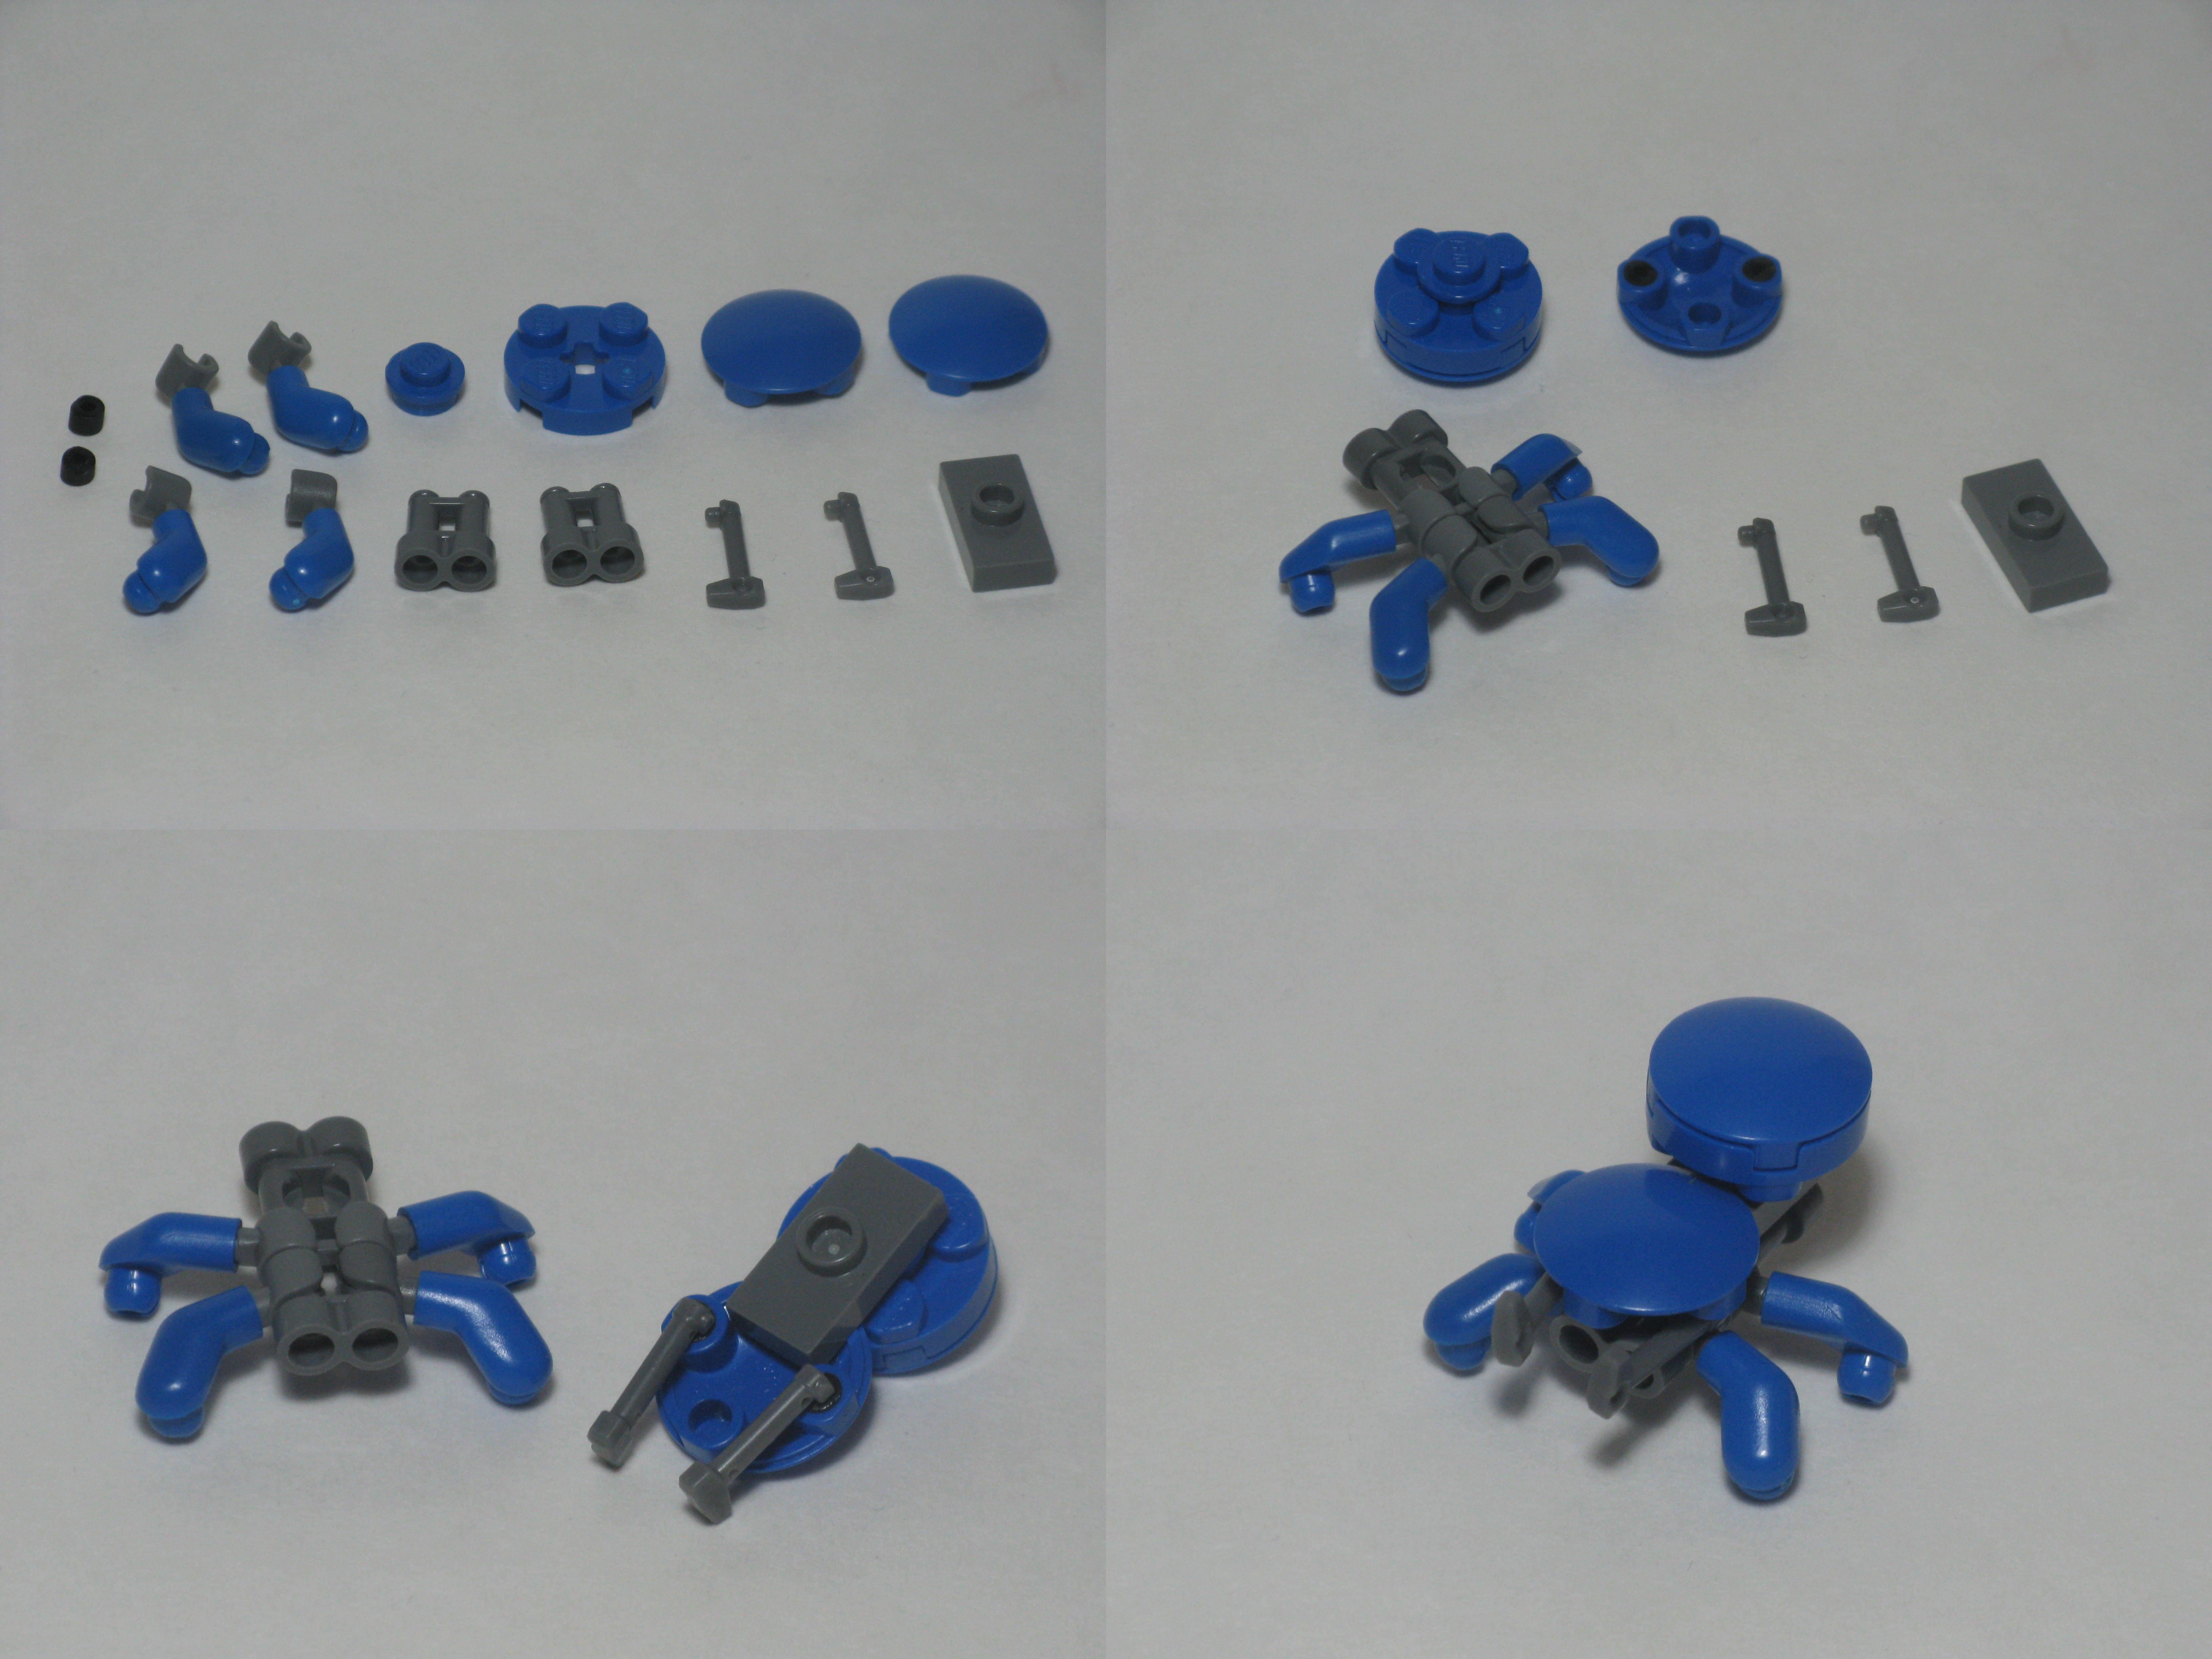 Wallpaper Anime Design Robot Spider Lego Bricks Ghost Shell